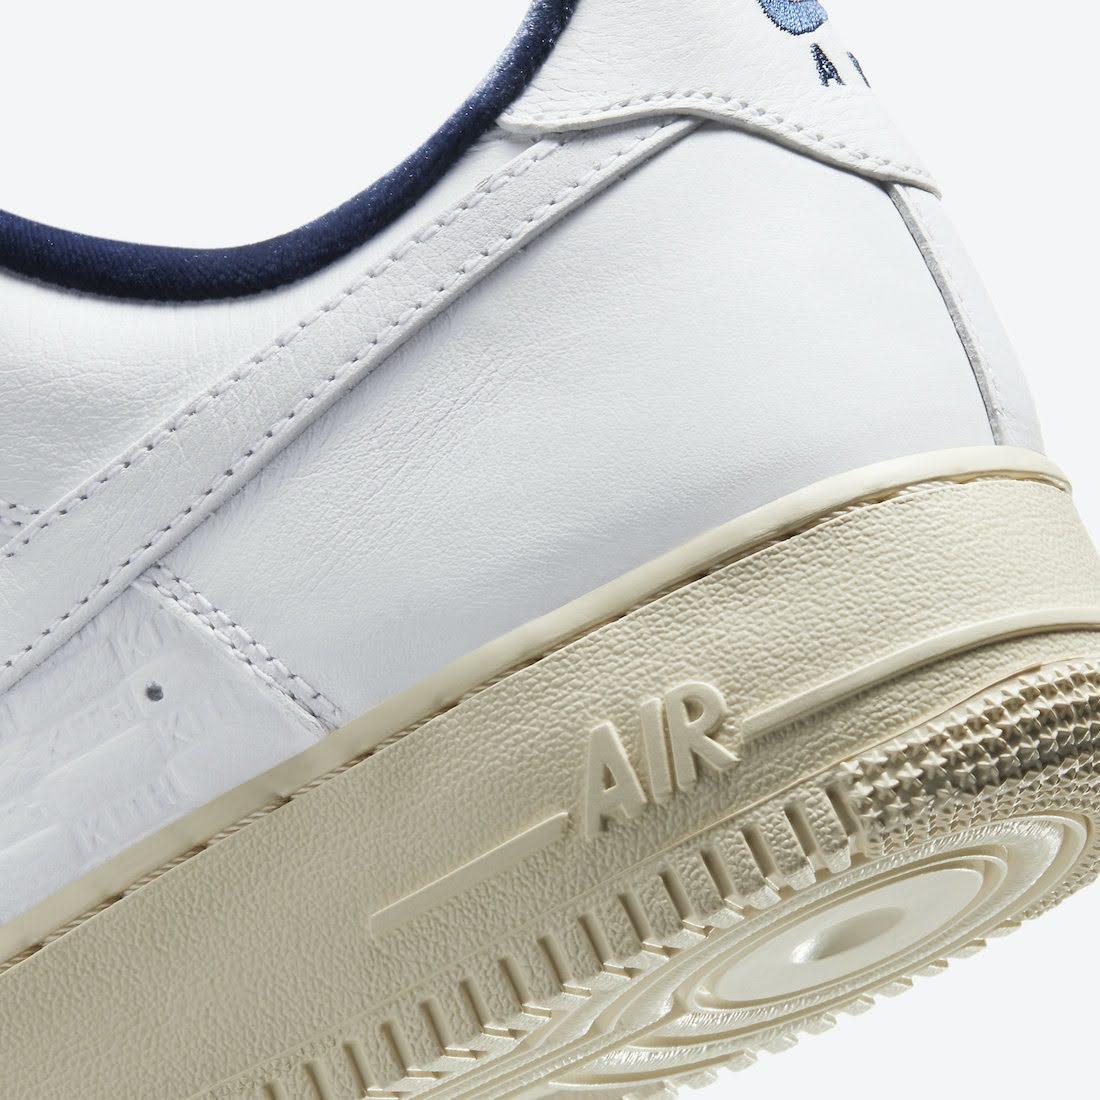 """キス × ナイキ エア フォース 1 """"フランス"""" Kith-Nike-Air-Force-1-France-Paris-CZ7927-100-side-heel-clouseup"""